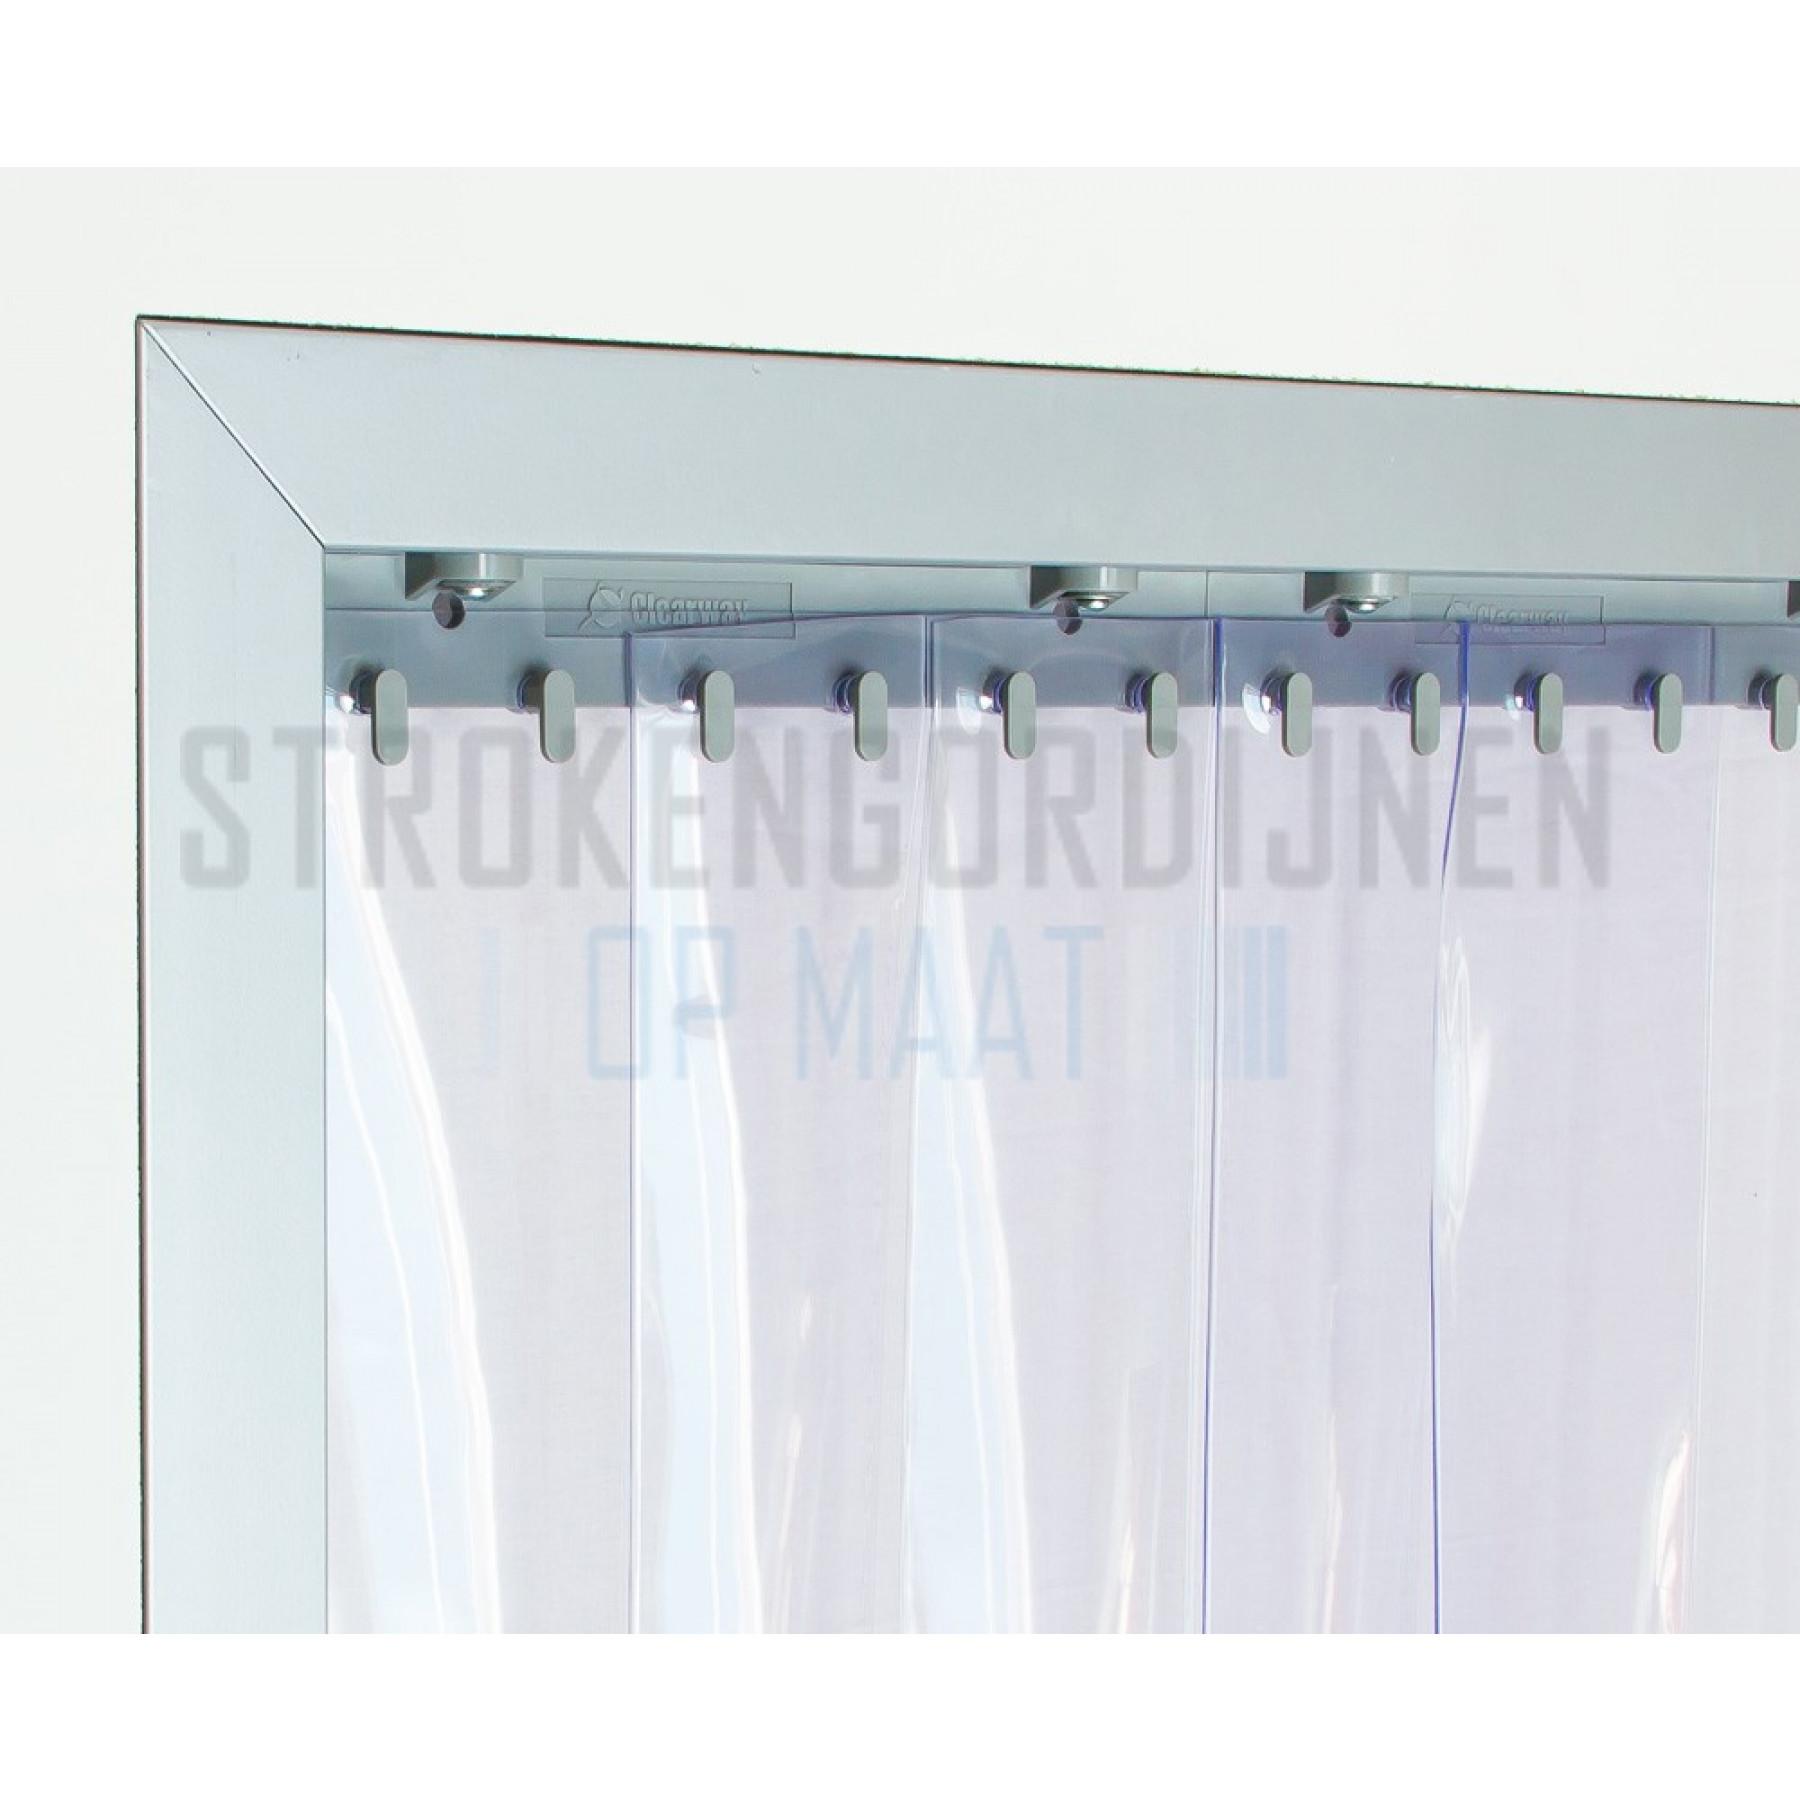 PVC op rol, 200mm breed, 2mm dik, 50 meter lengte, diepvrieskwaliteit, transparant